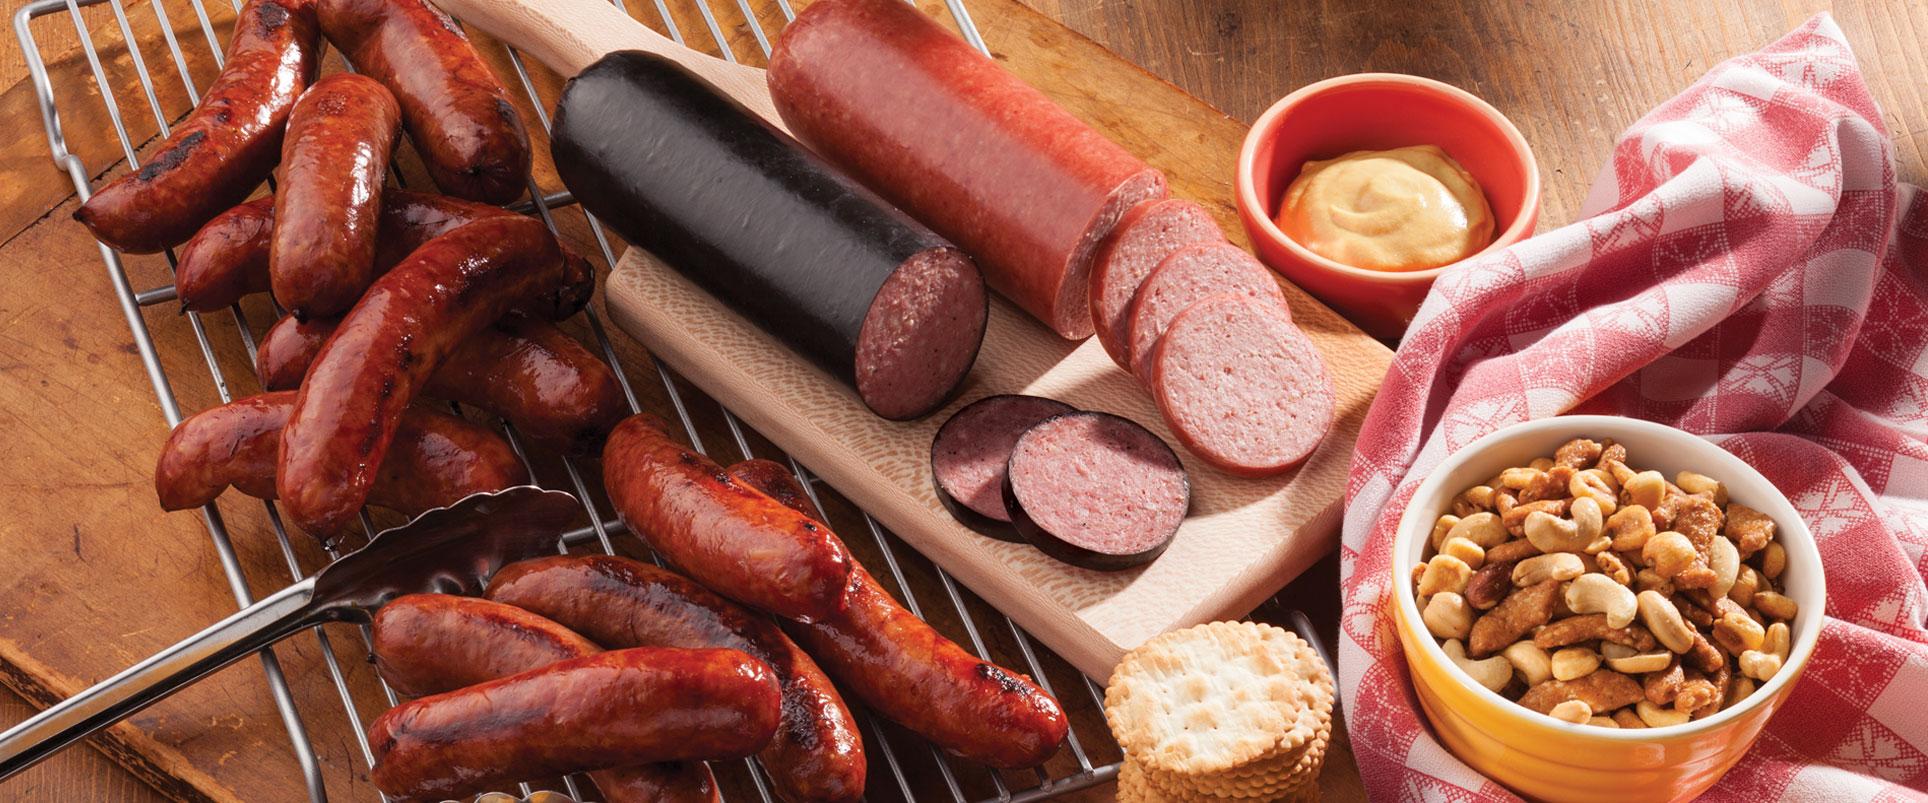 Amana Meats